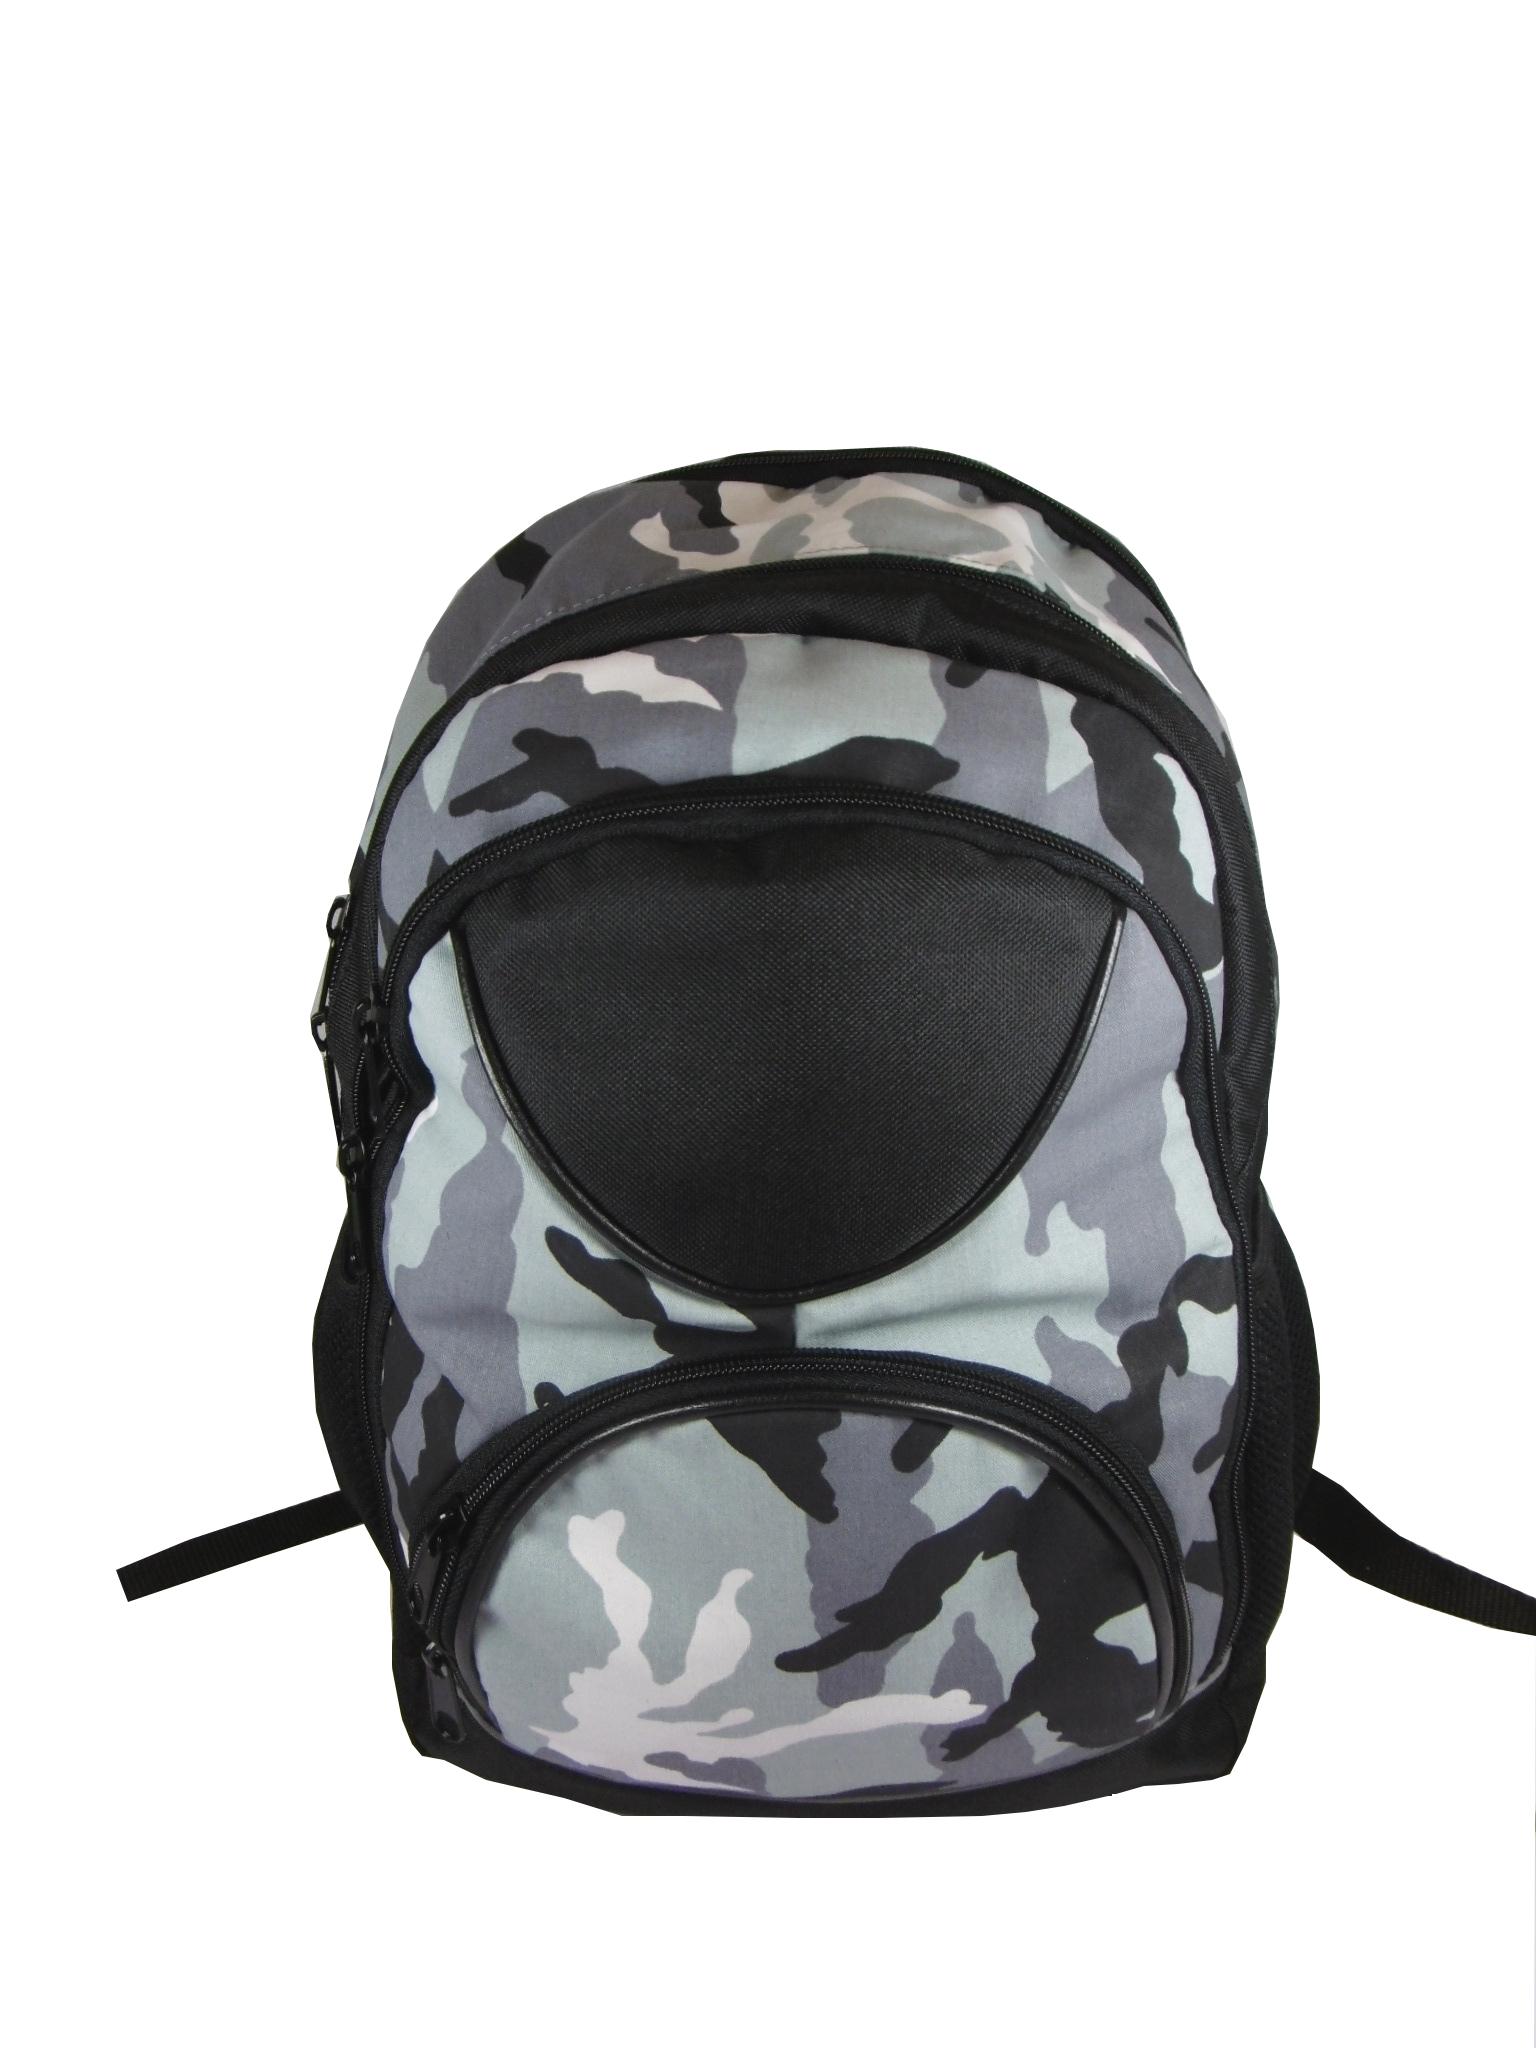 8fd44e8124b16 Plecak szkolny moro plecak wycieczkowy turystyczny - 6833922149 ...